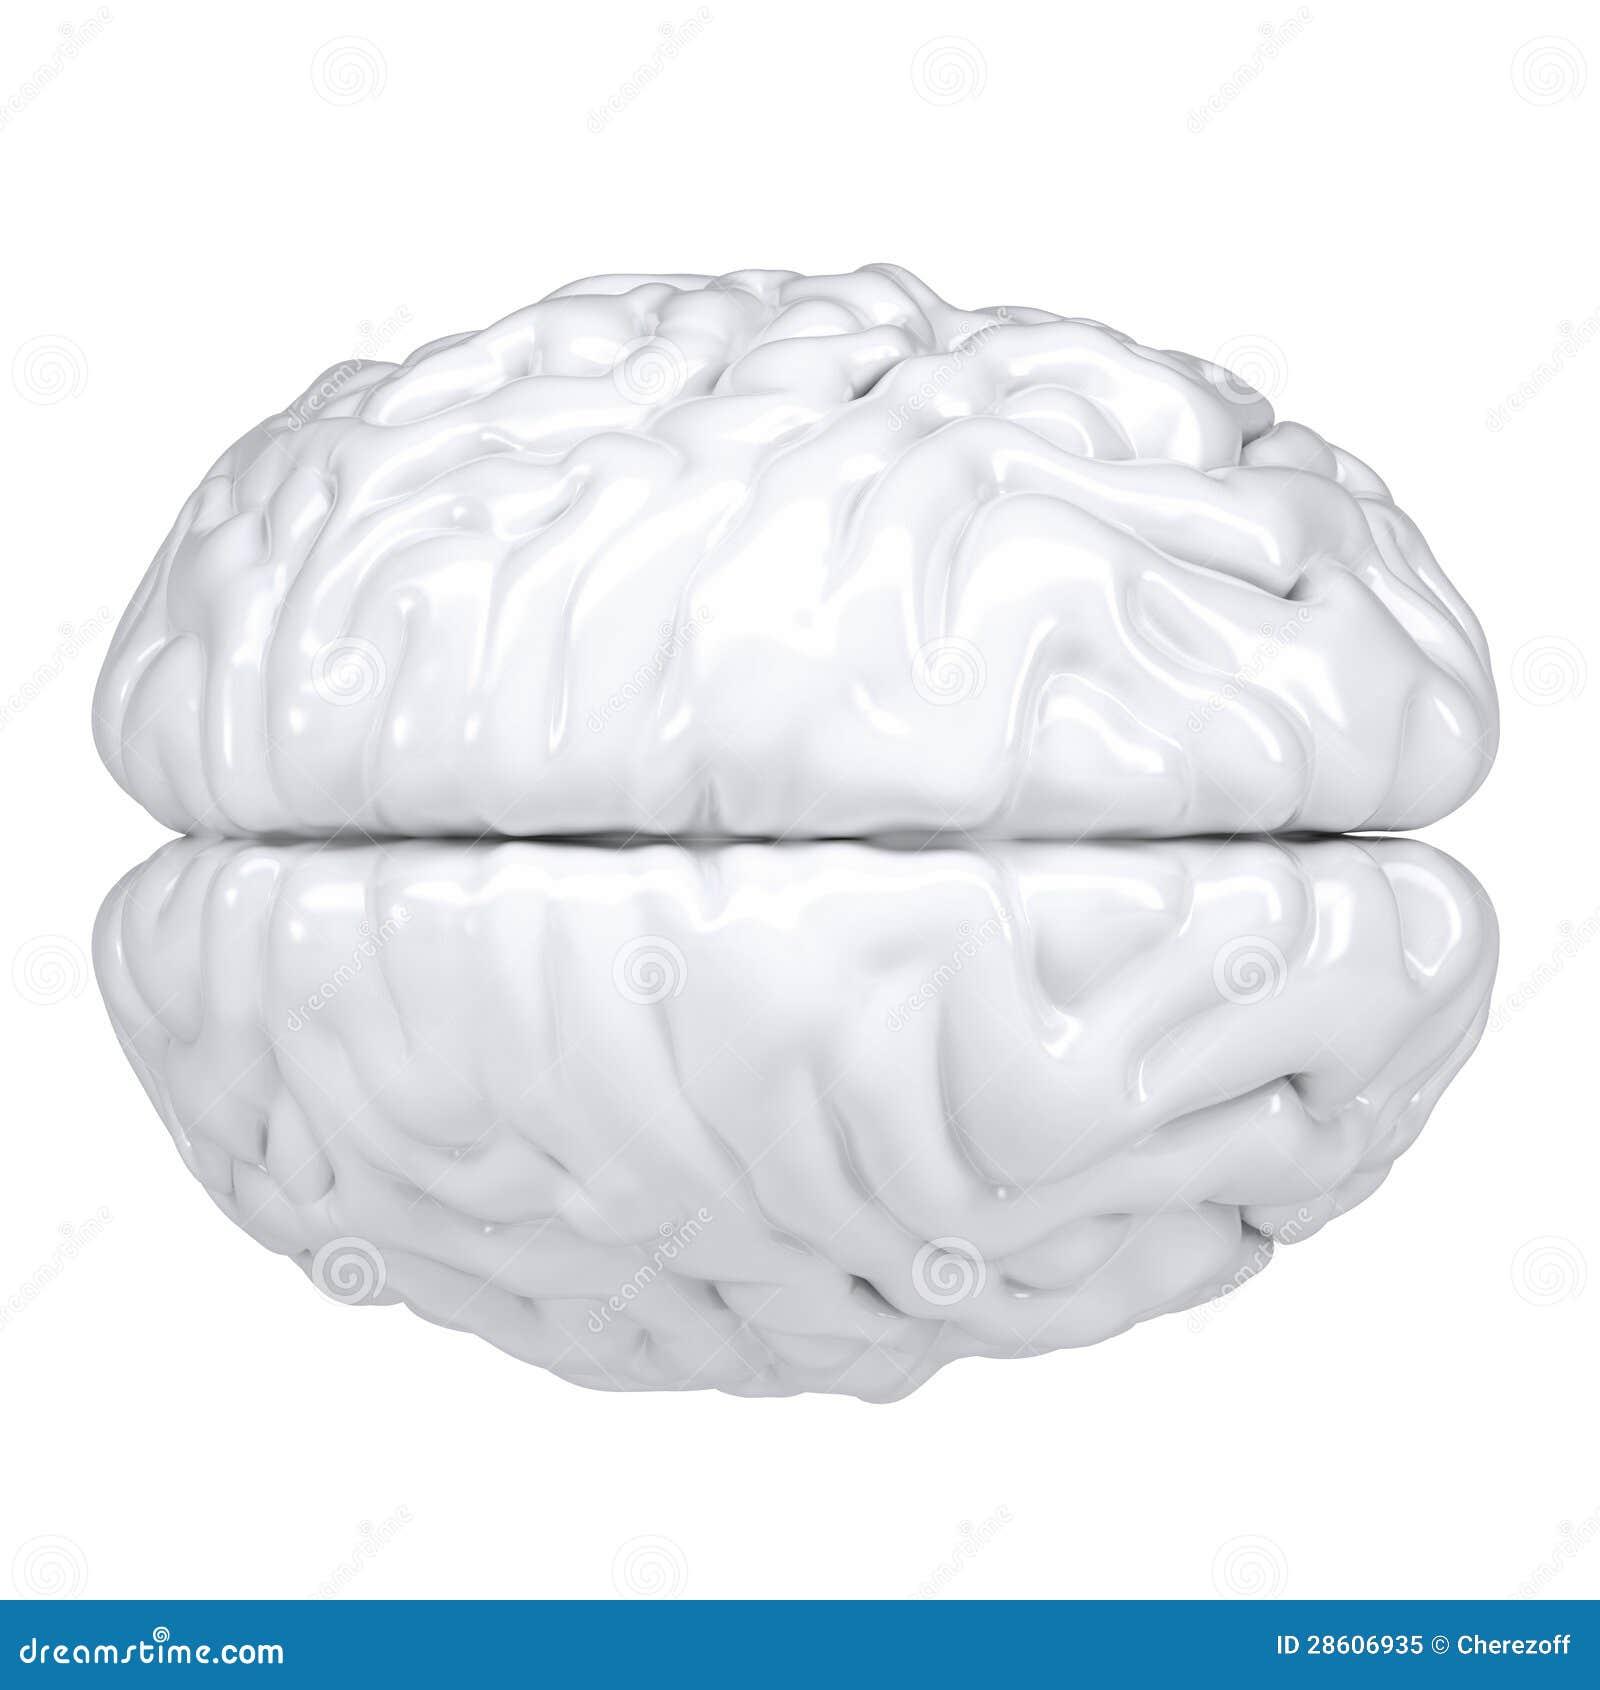 Fantastisch Gehirn 3d Anatomie Zeitgenössisch - Menschliche Anatomie ...